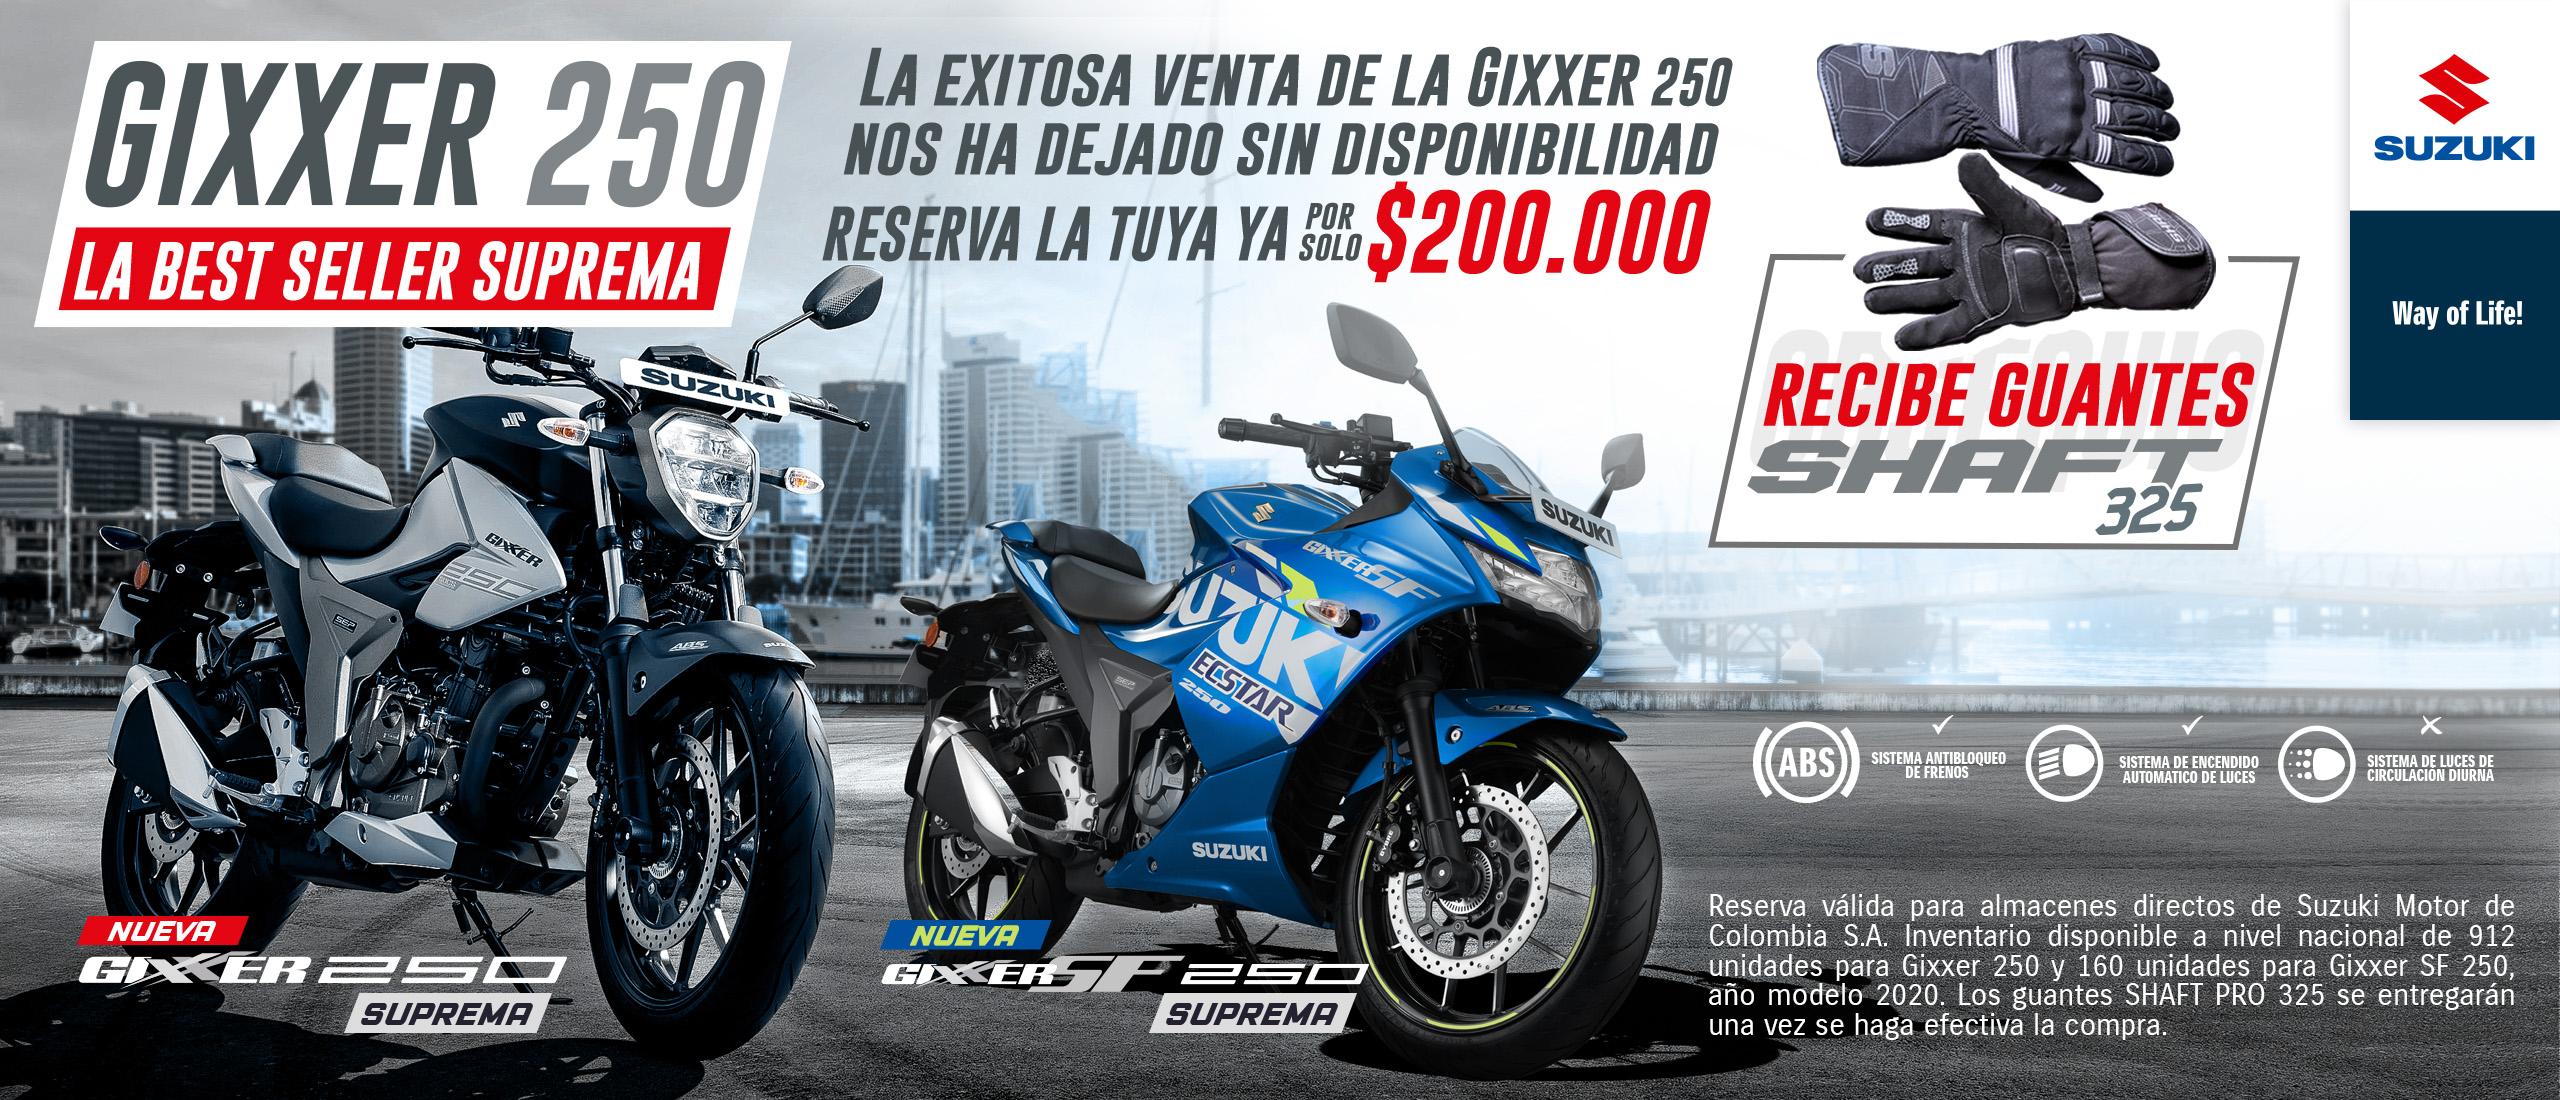 Gixxer 200 250